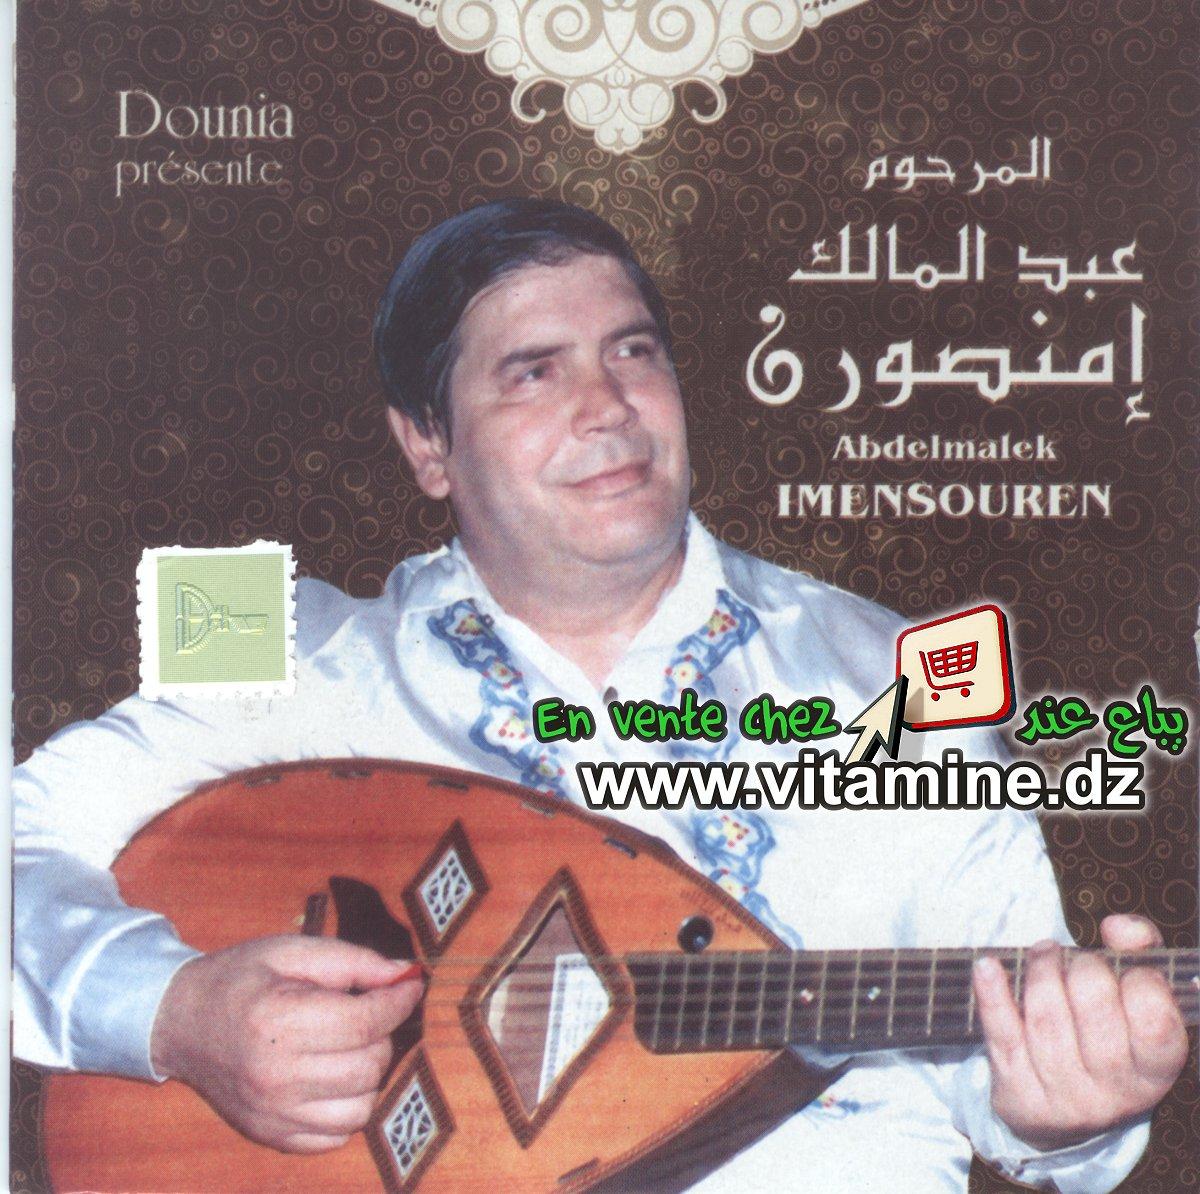 Abdelmalek Imensouren - L'histoire du croyant et l'infidèle